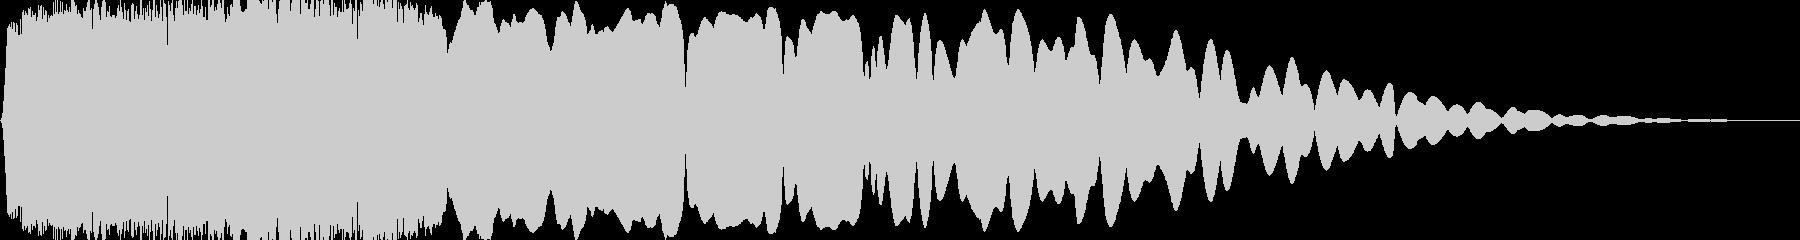 光『きゅいーん』_05の未再生の波形